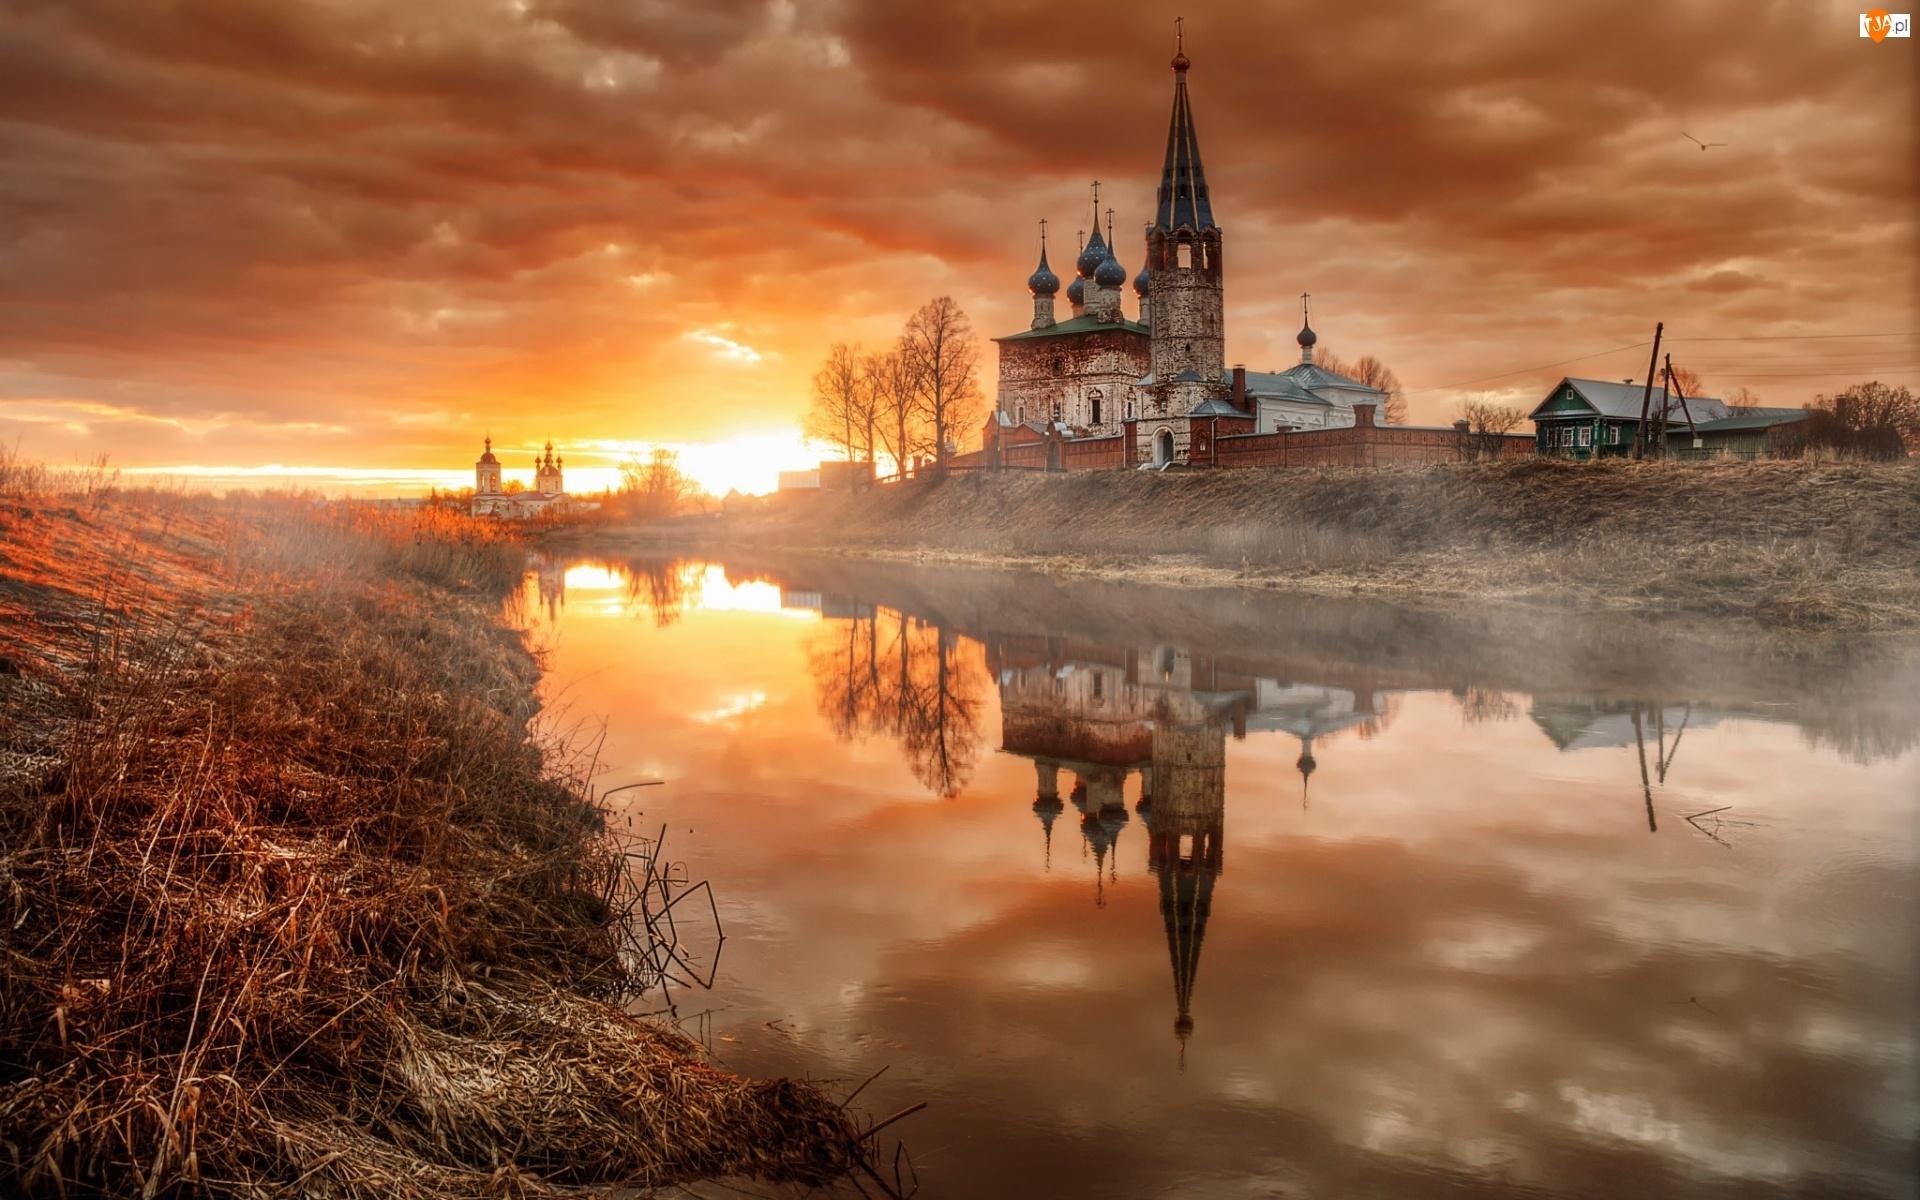 Domy, Świątynia, Odbicie, Dunilovo, Słońca, Rosja, Drzewa, Wschód, Rzeka